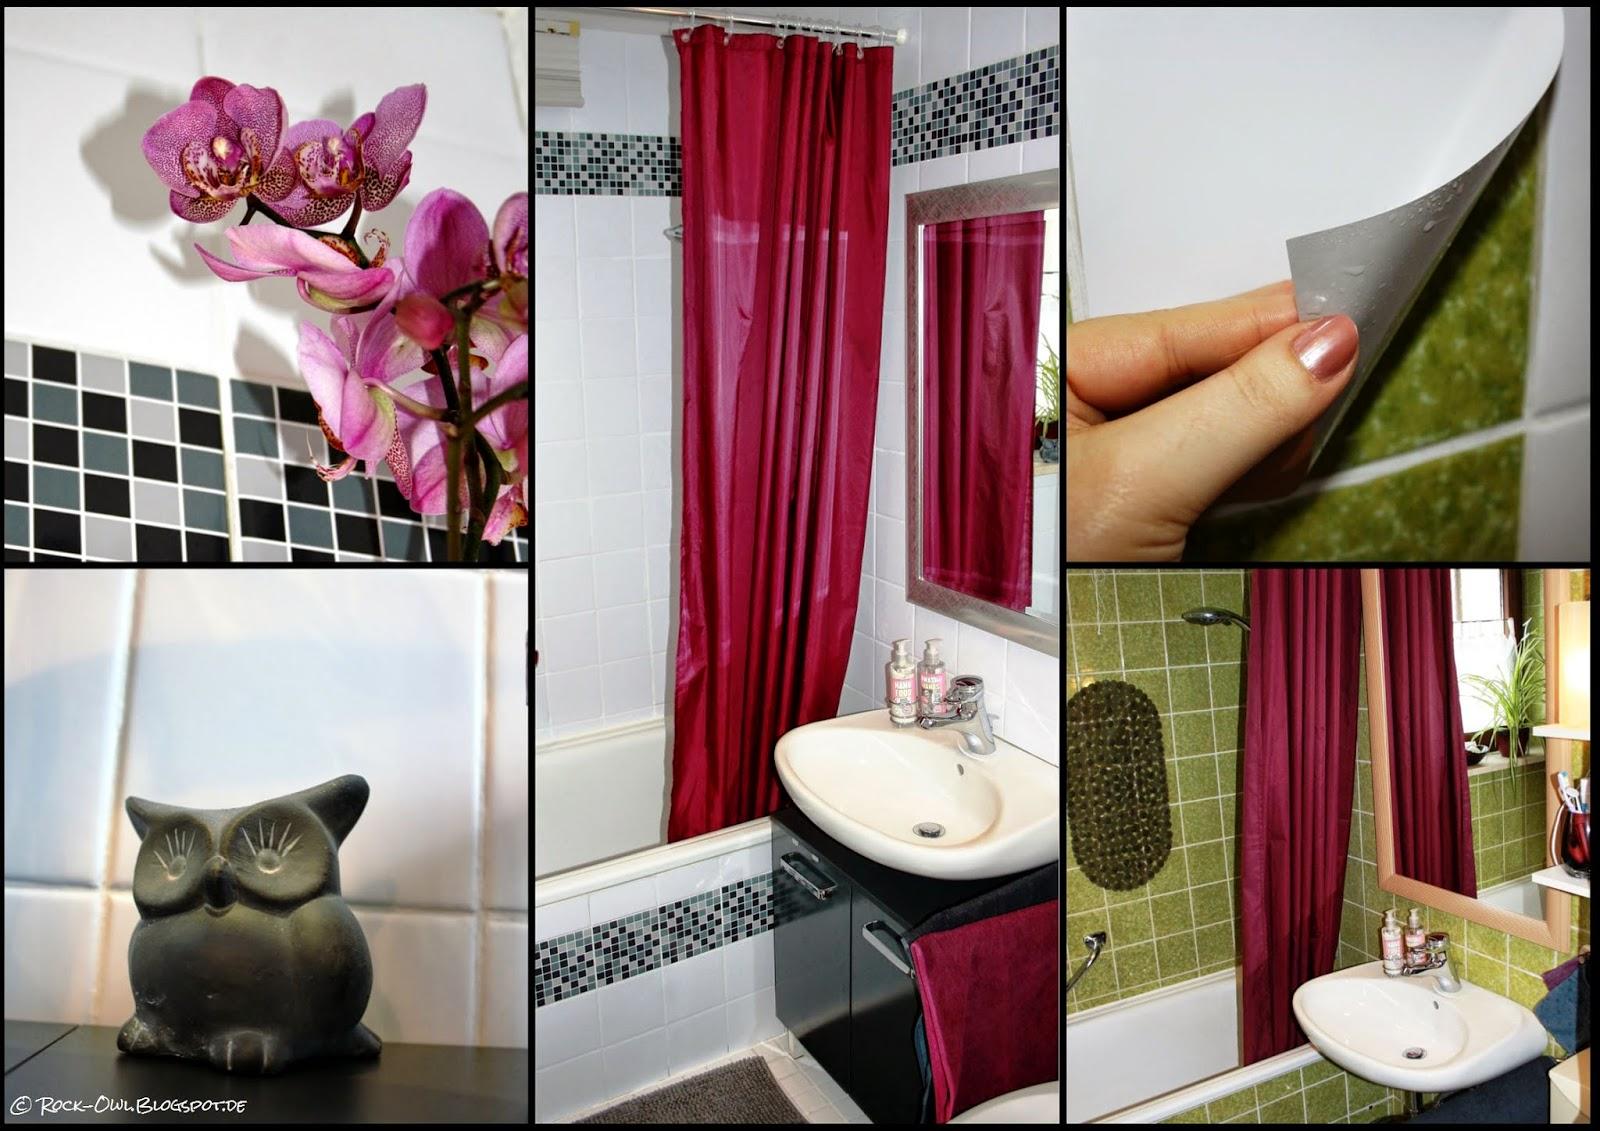 Aus Grün Mach Weiß: Ich Klebu0027 Mir Ein Neues Bad ♥